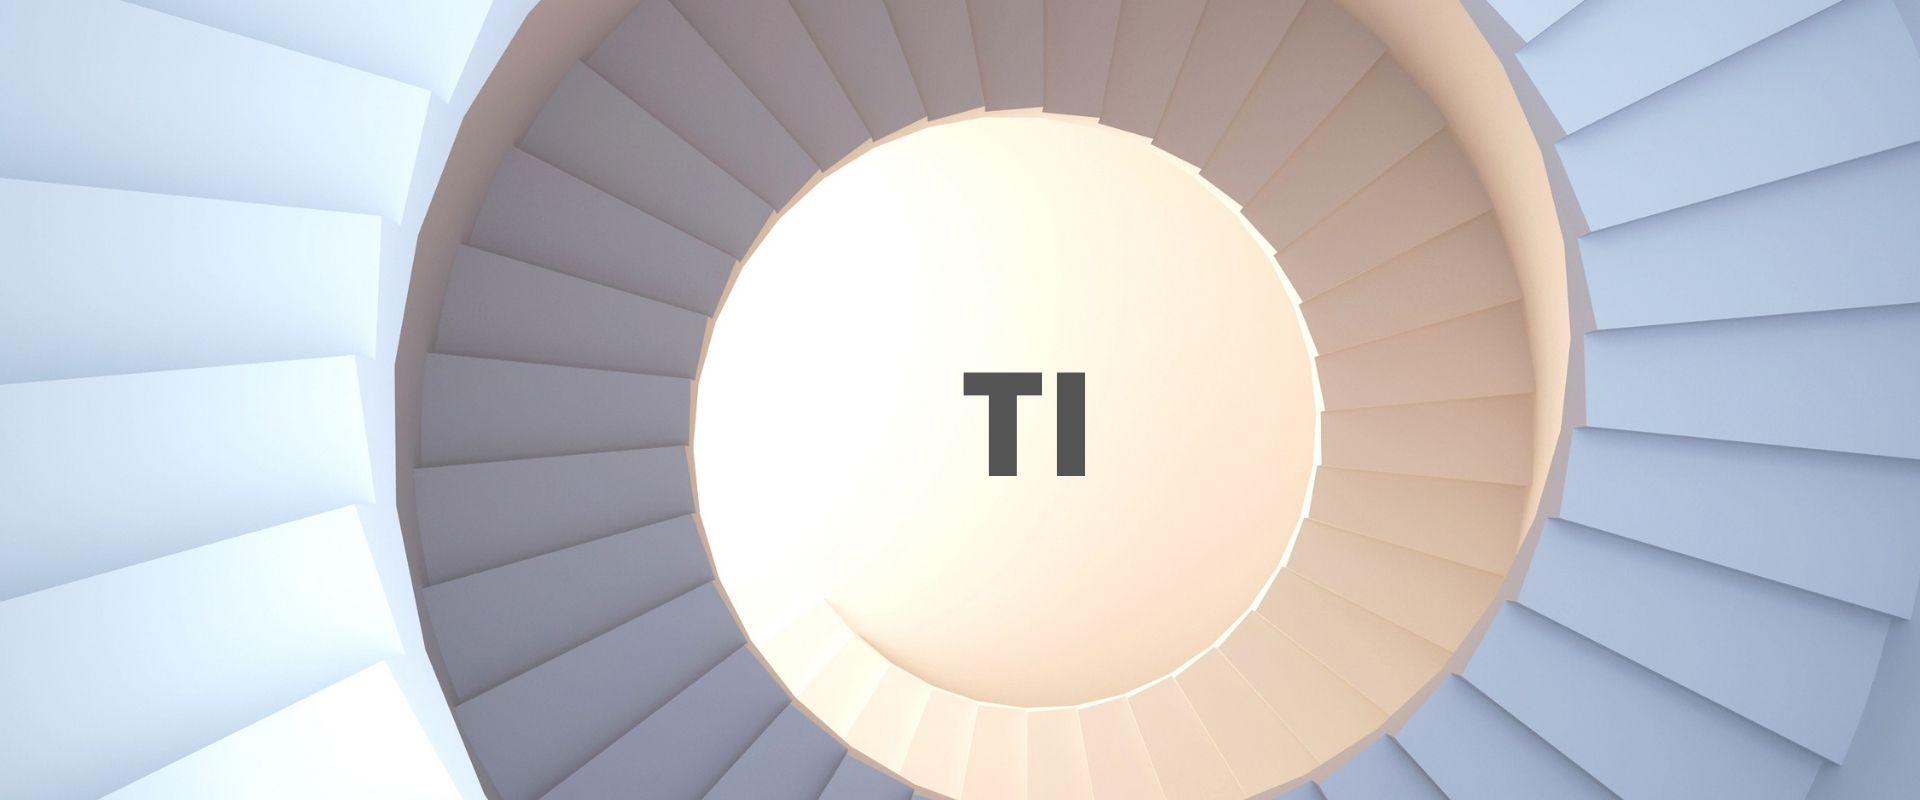 Espiral descendente em TI: o que é e como evitá-la